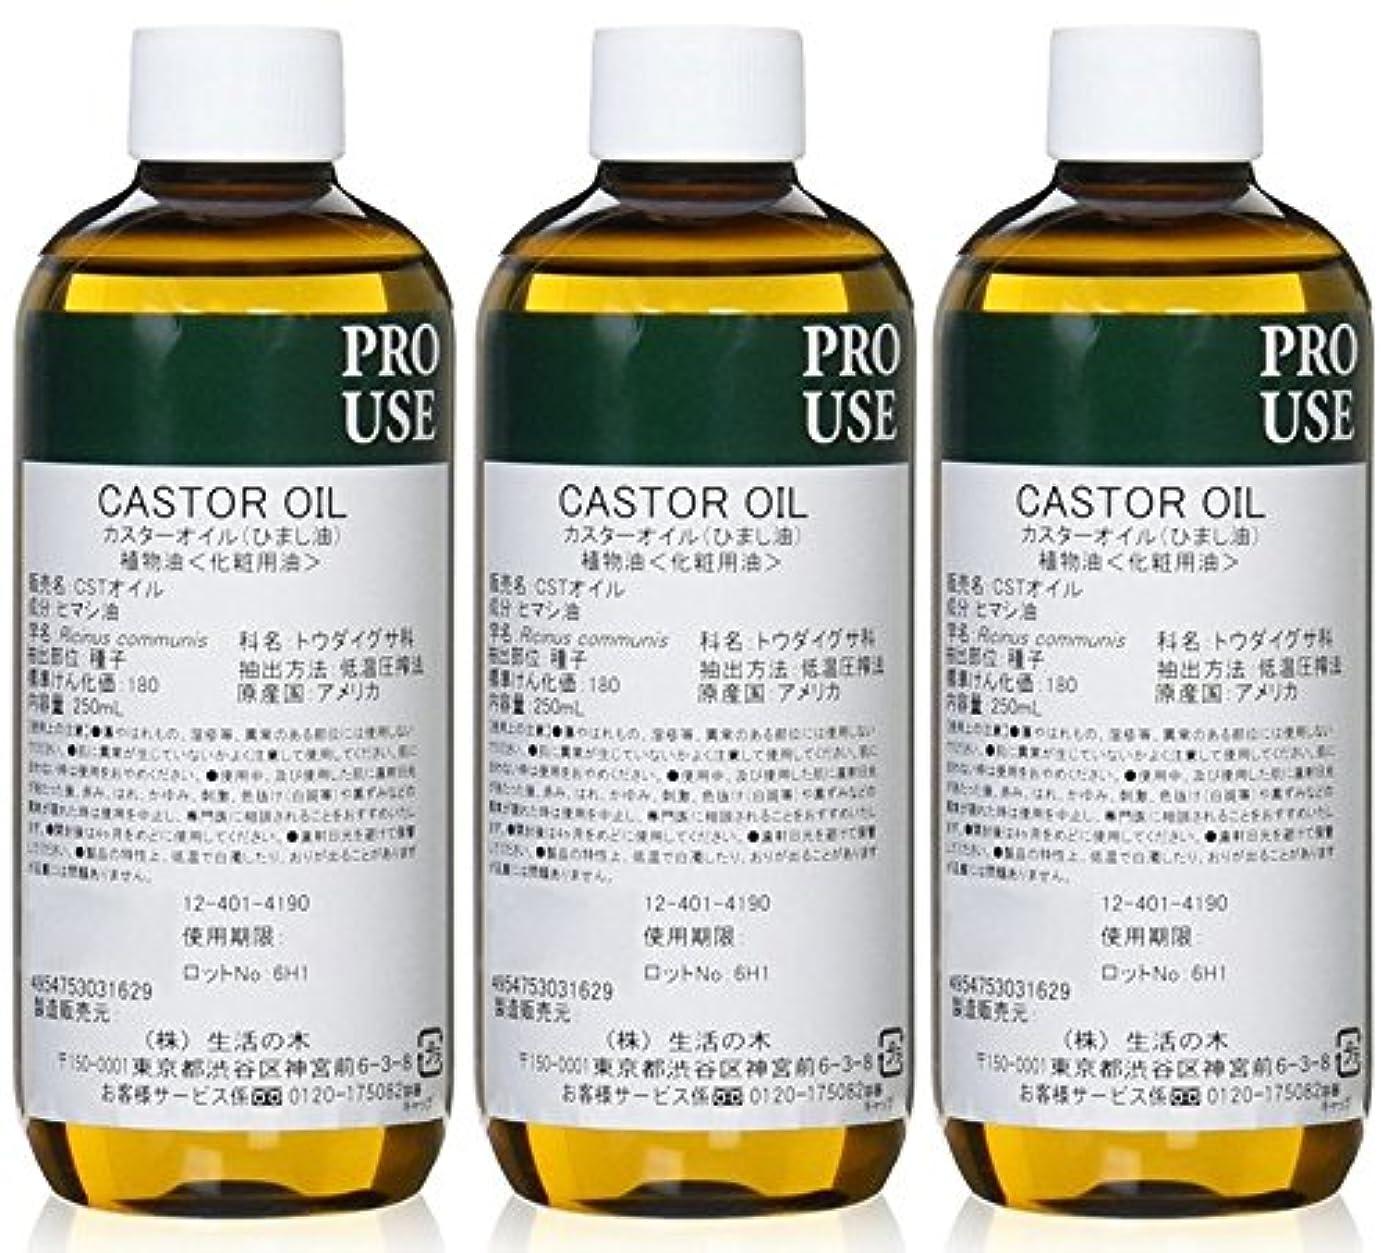 劇的硬い国生活の木 カスター油 250ml (3個)